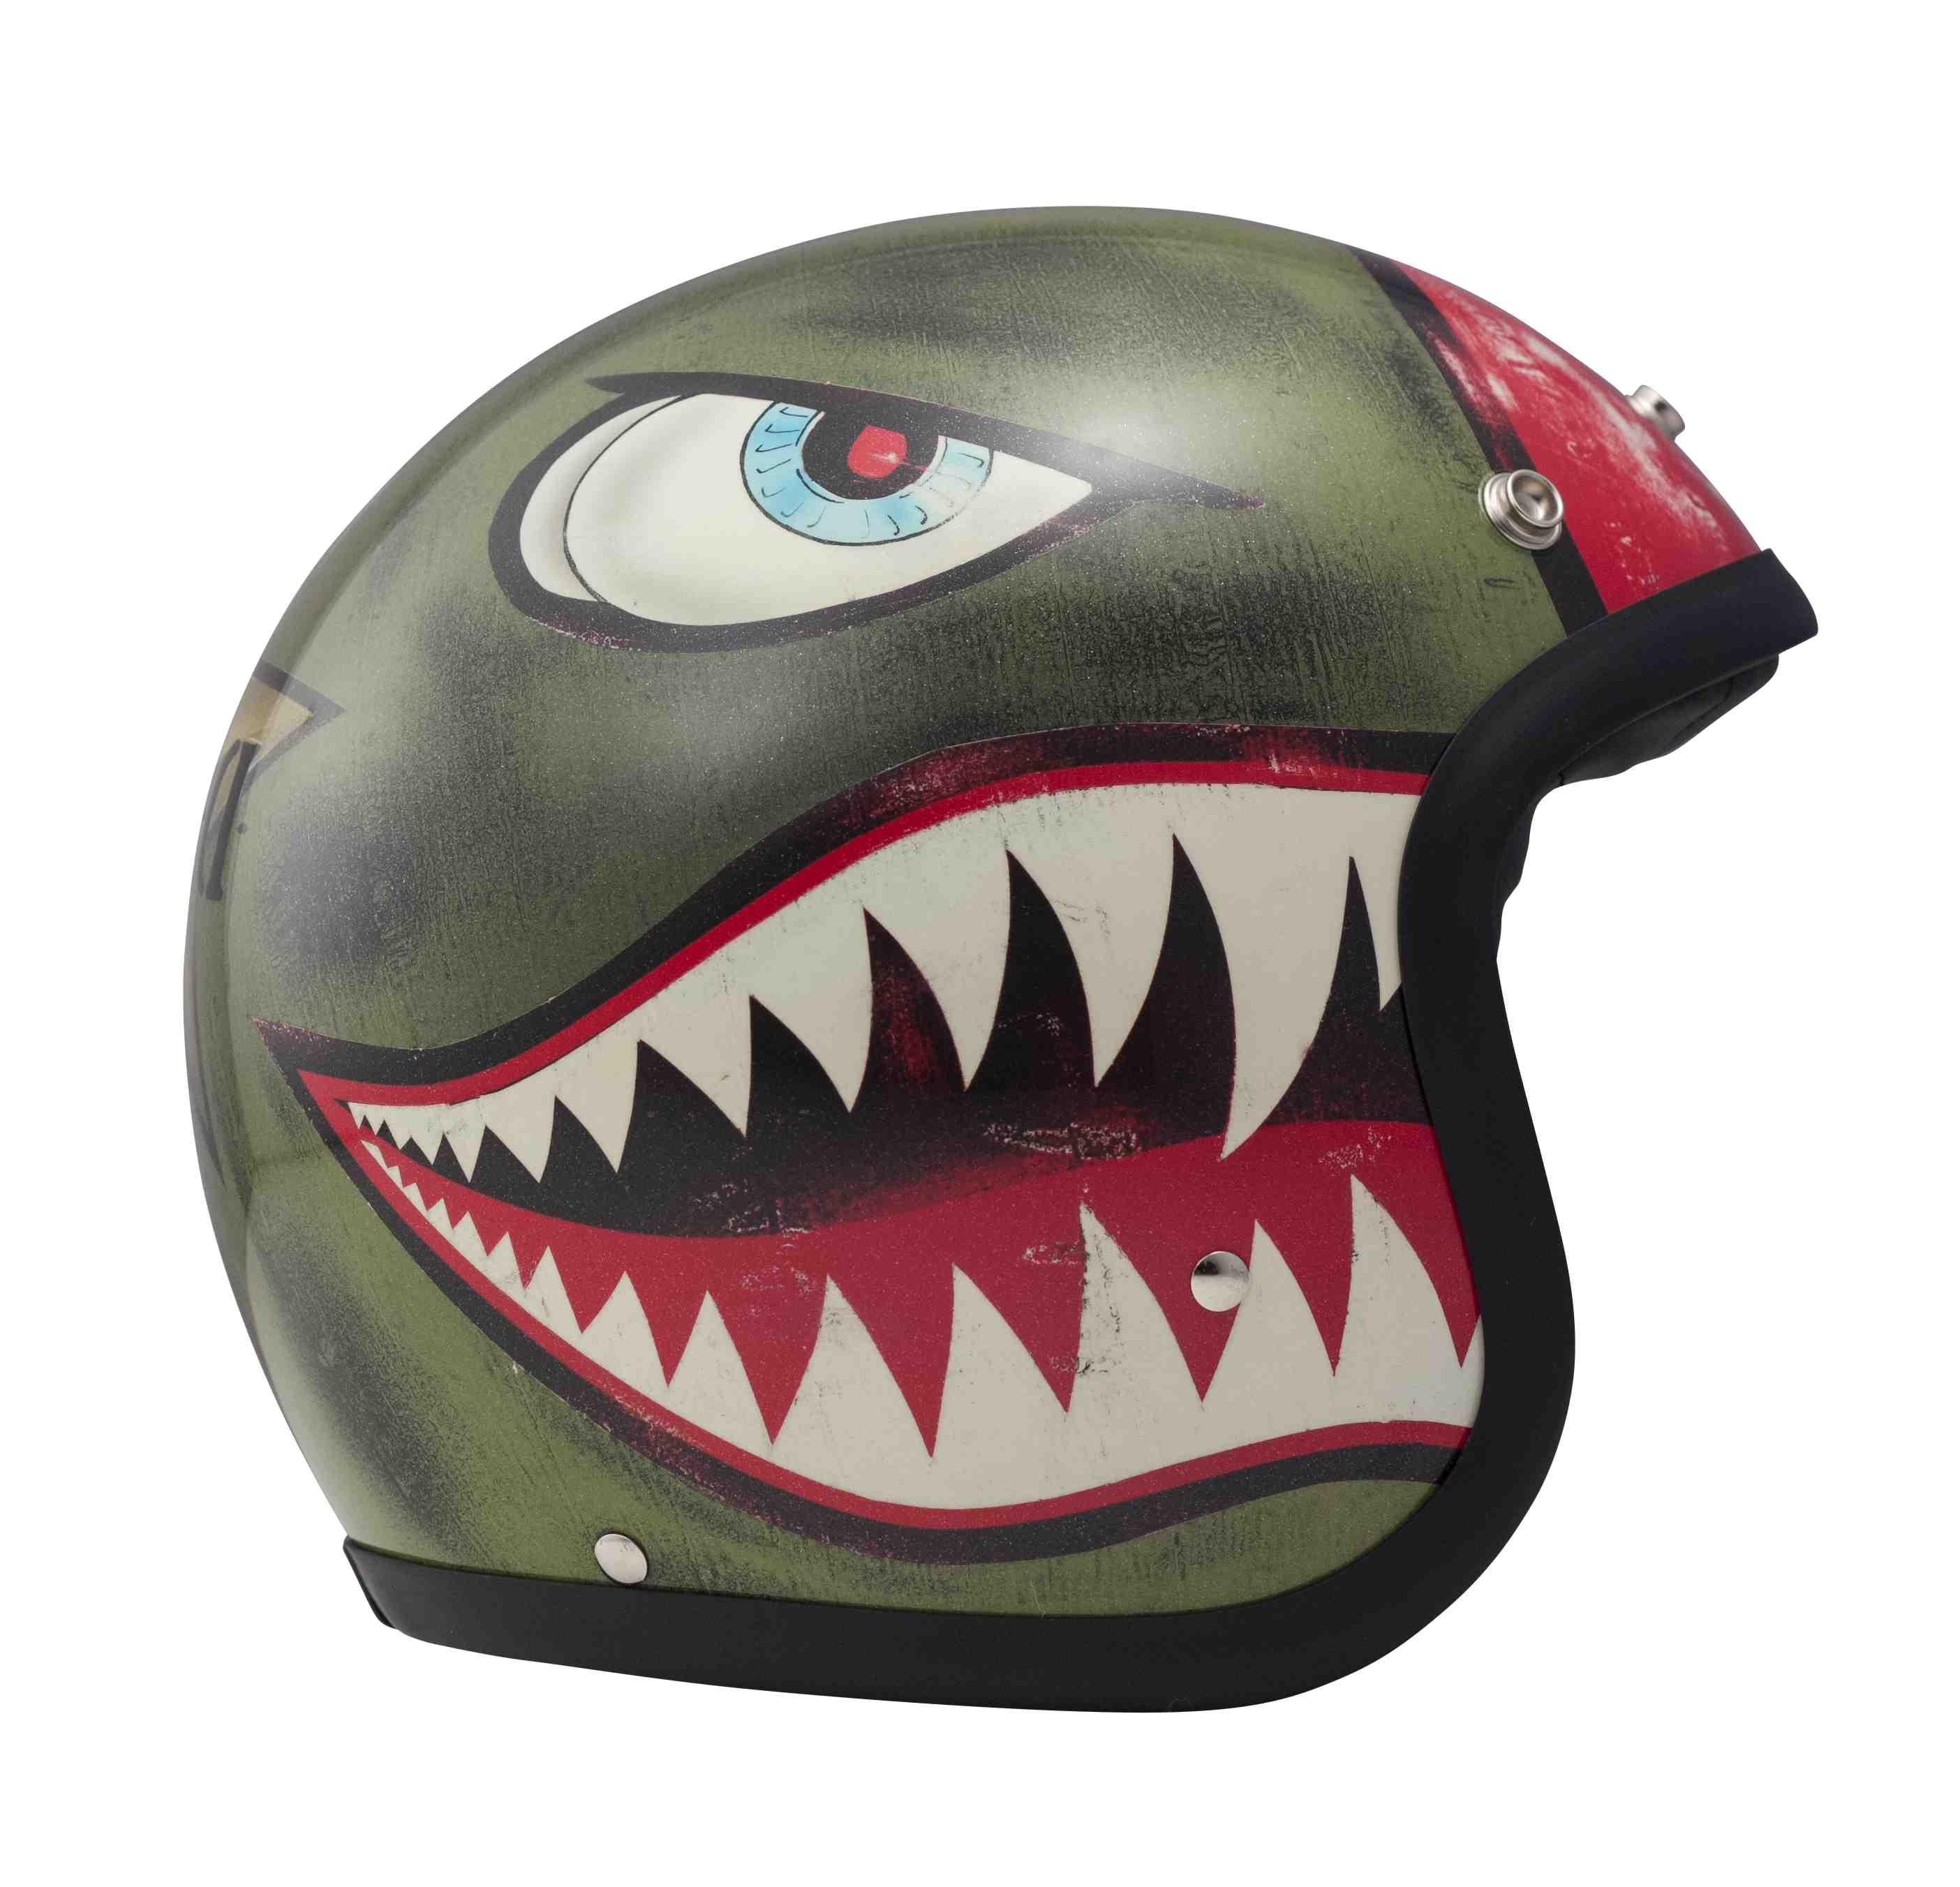 Casque moto : une méthode infaillible pour acheter un bon casque